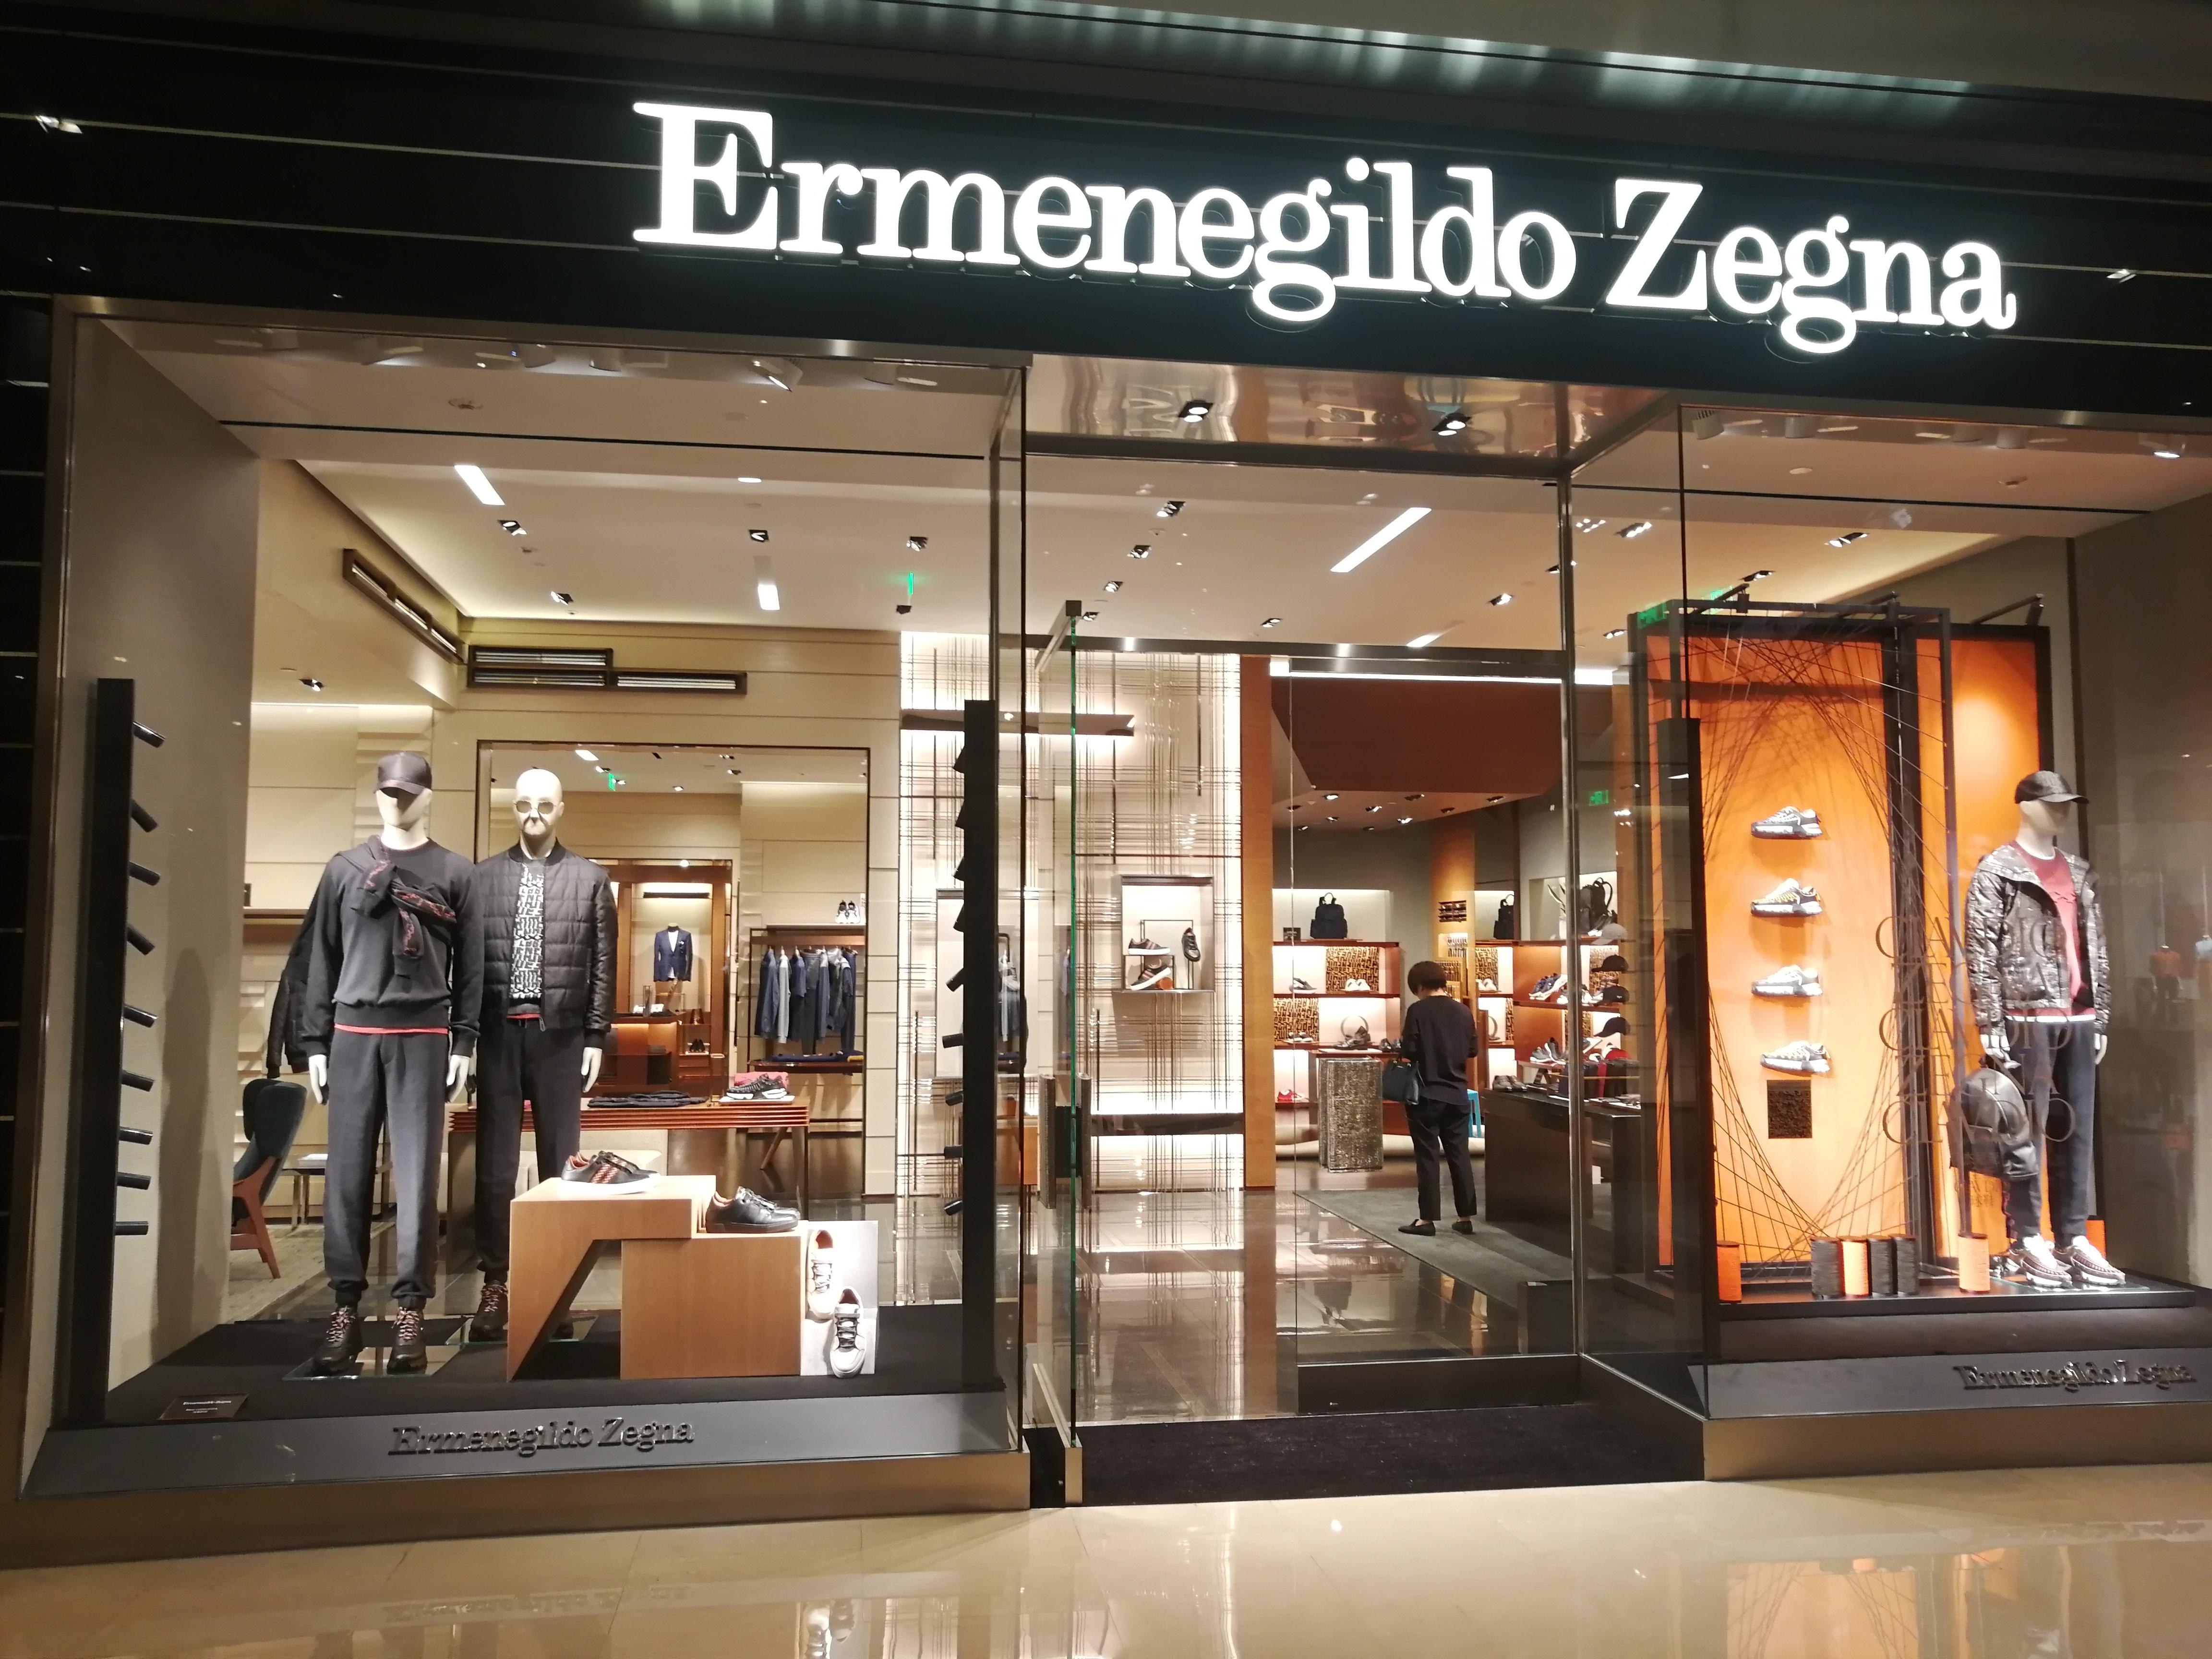 Zegna杰尼亚国际男装商铺木地板修复保养